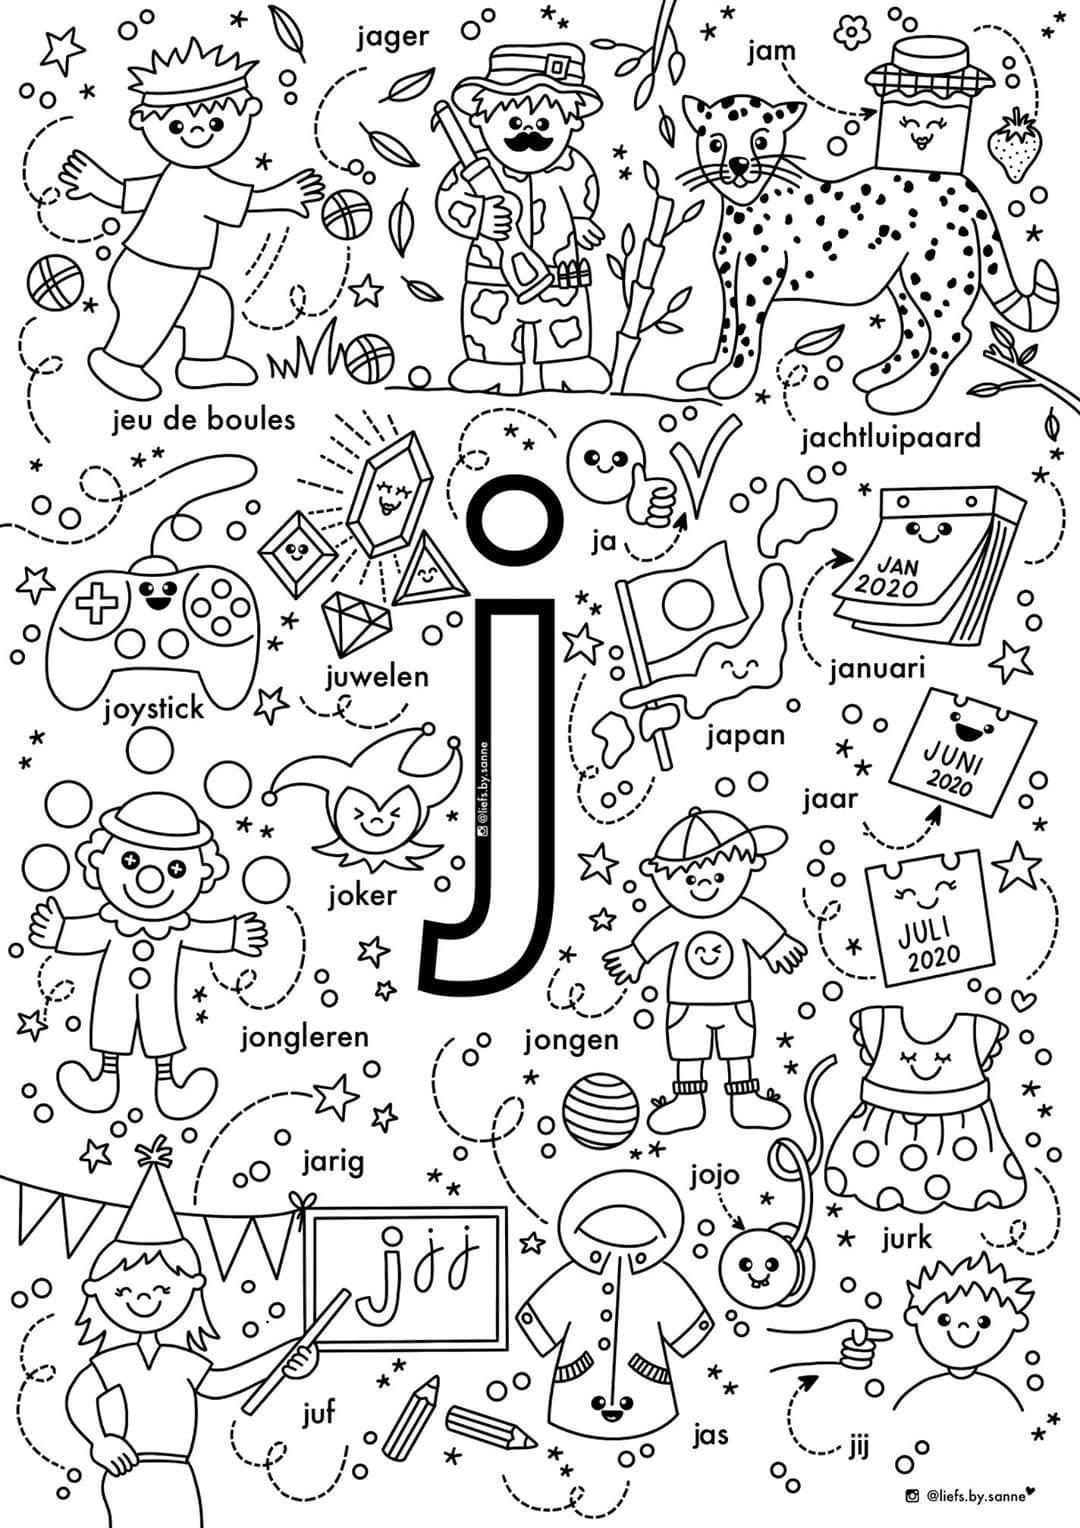 J Woorden Kleurplaat In 2020 Letterherkenning Spelletjes Letterherkenning Alfabet Kleurplaten